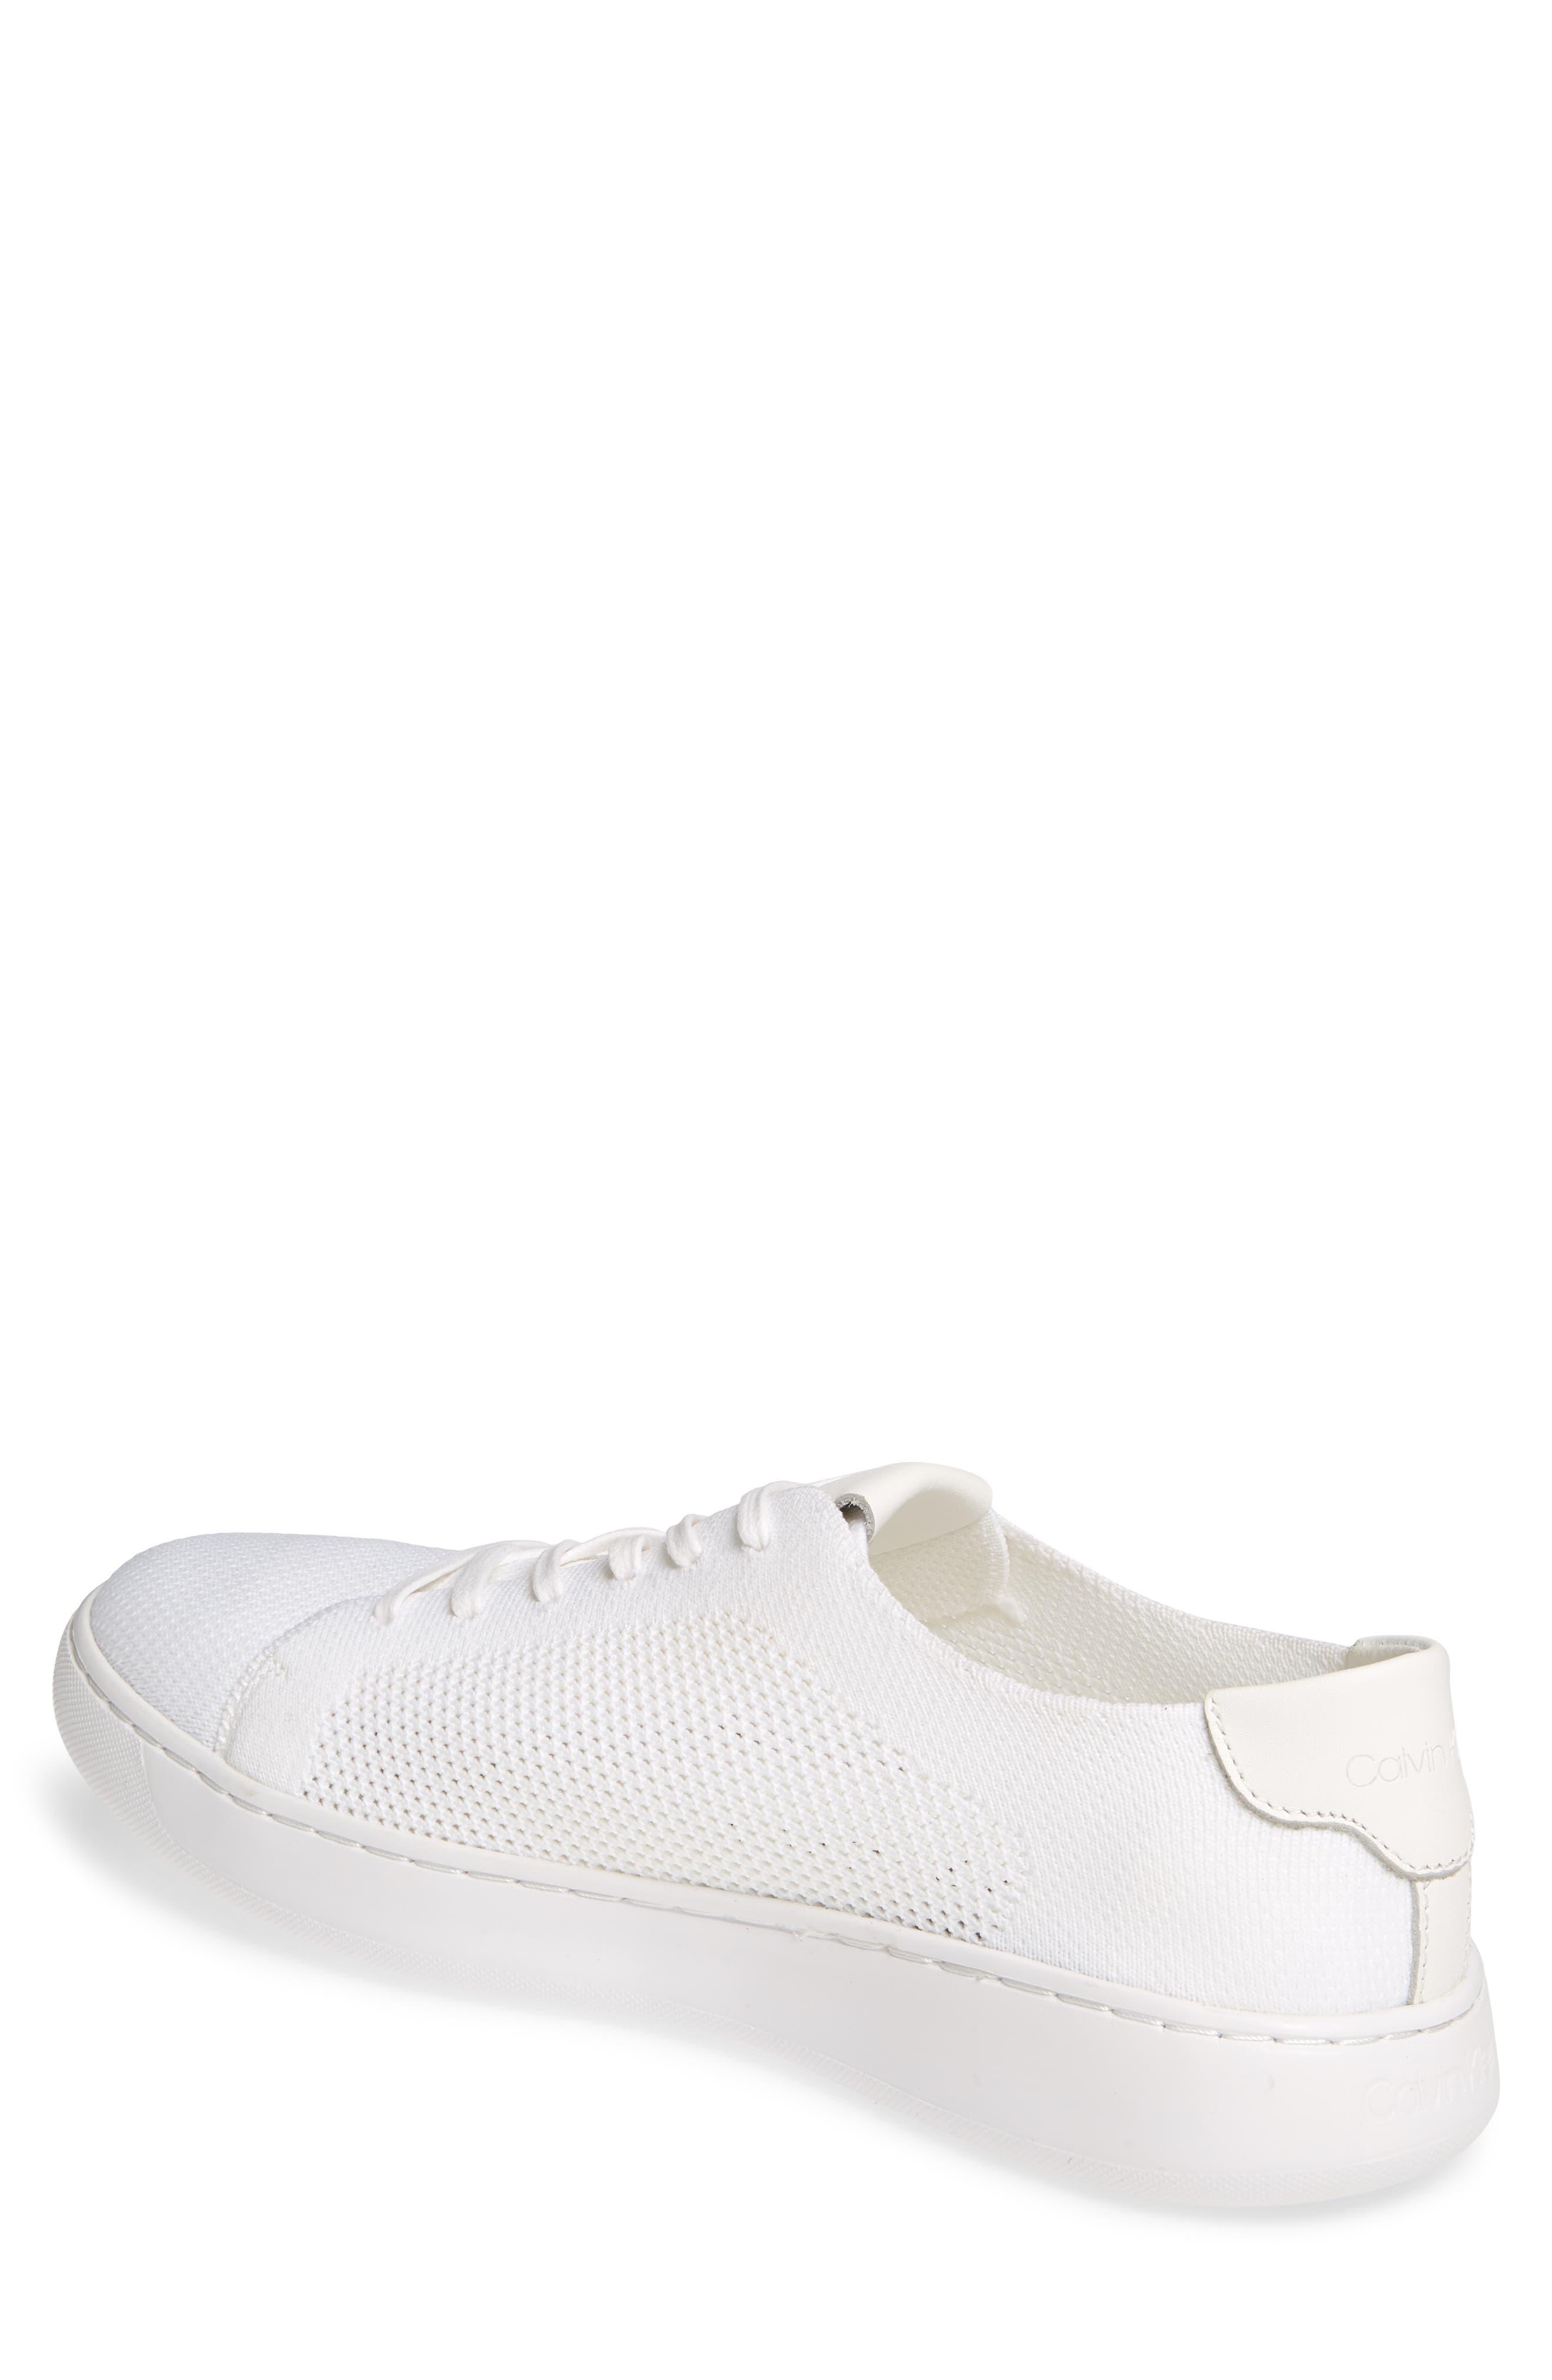 CALVIN KLEIN, Freeport Sneaker, Alternate thumbnail 2, color, WHITE